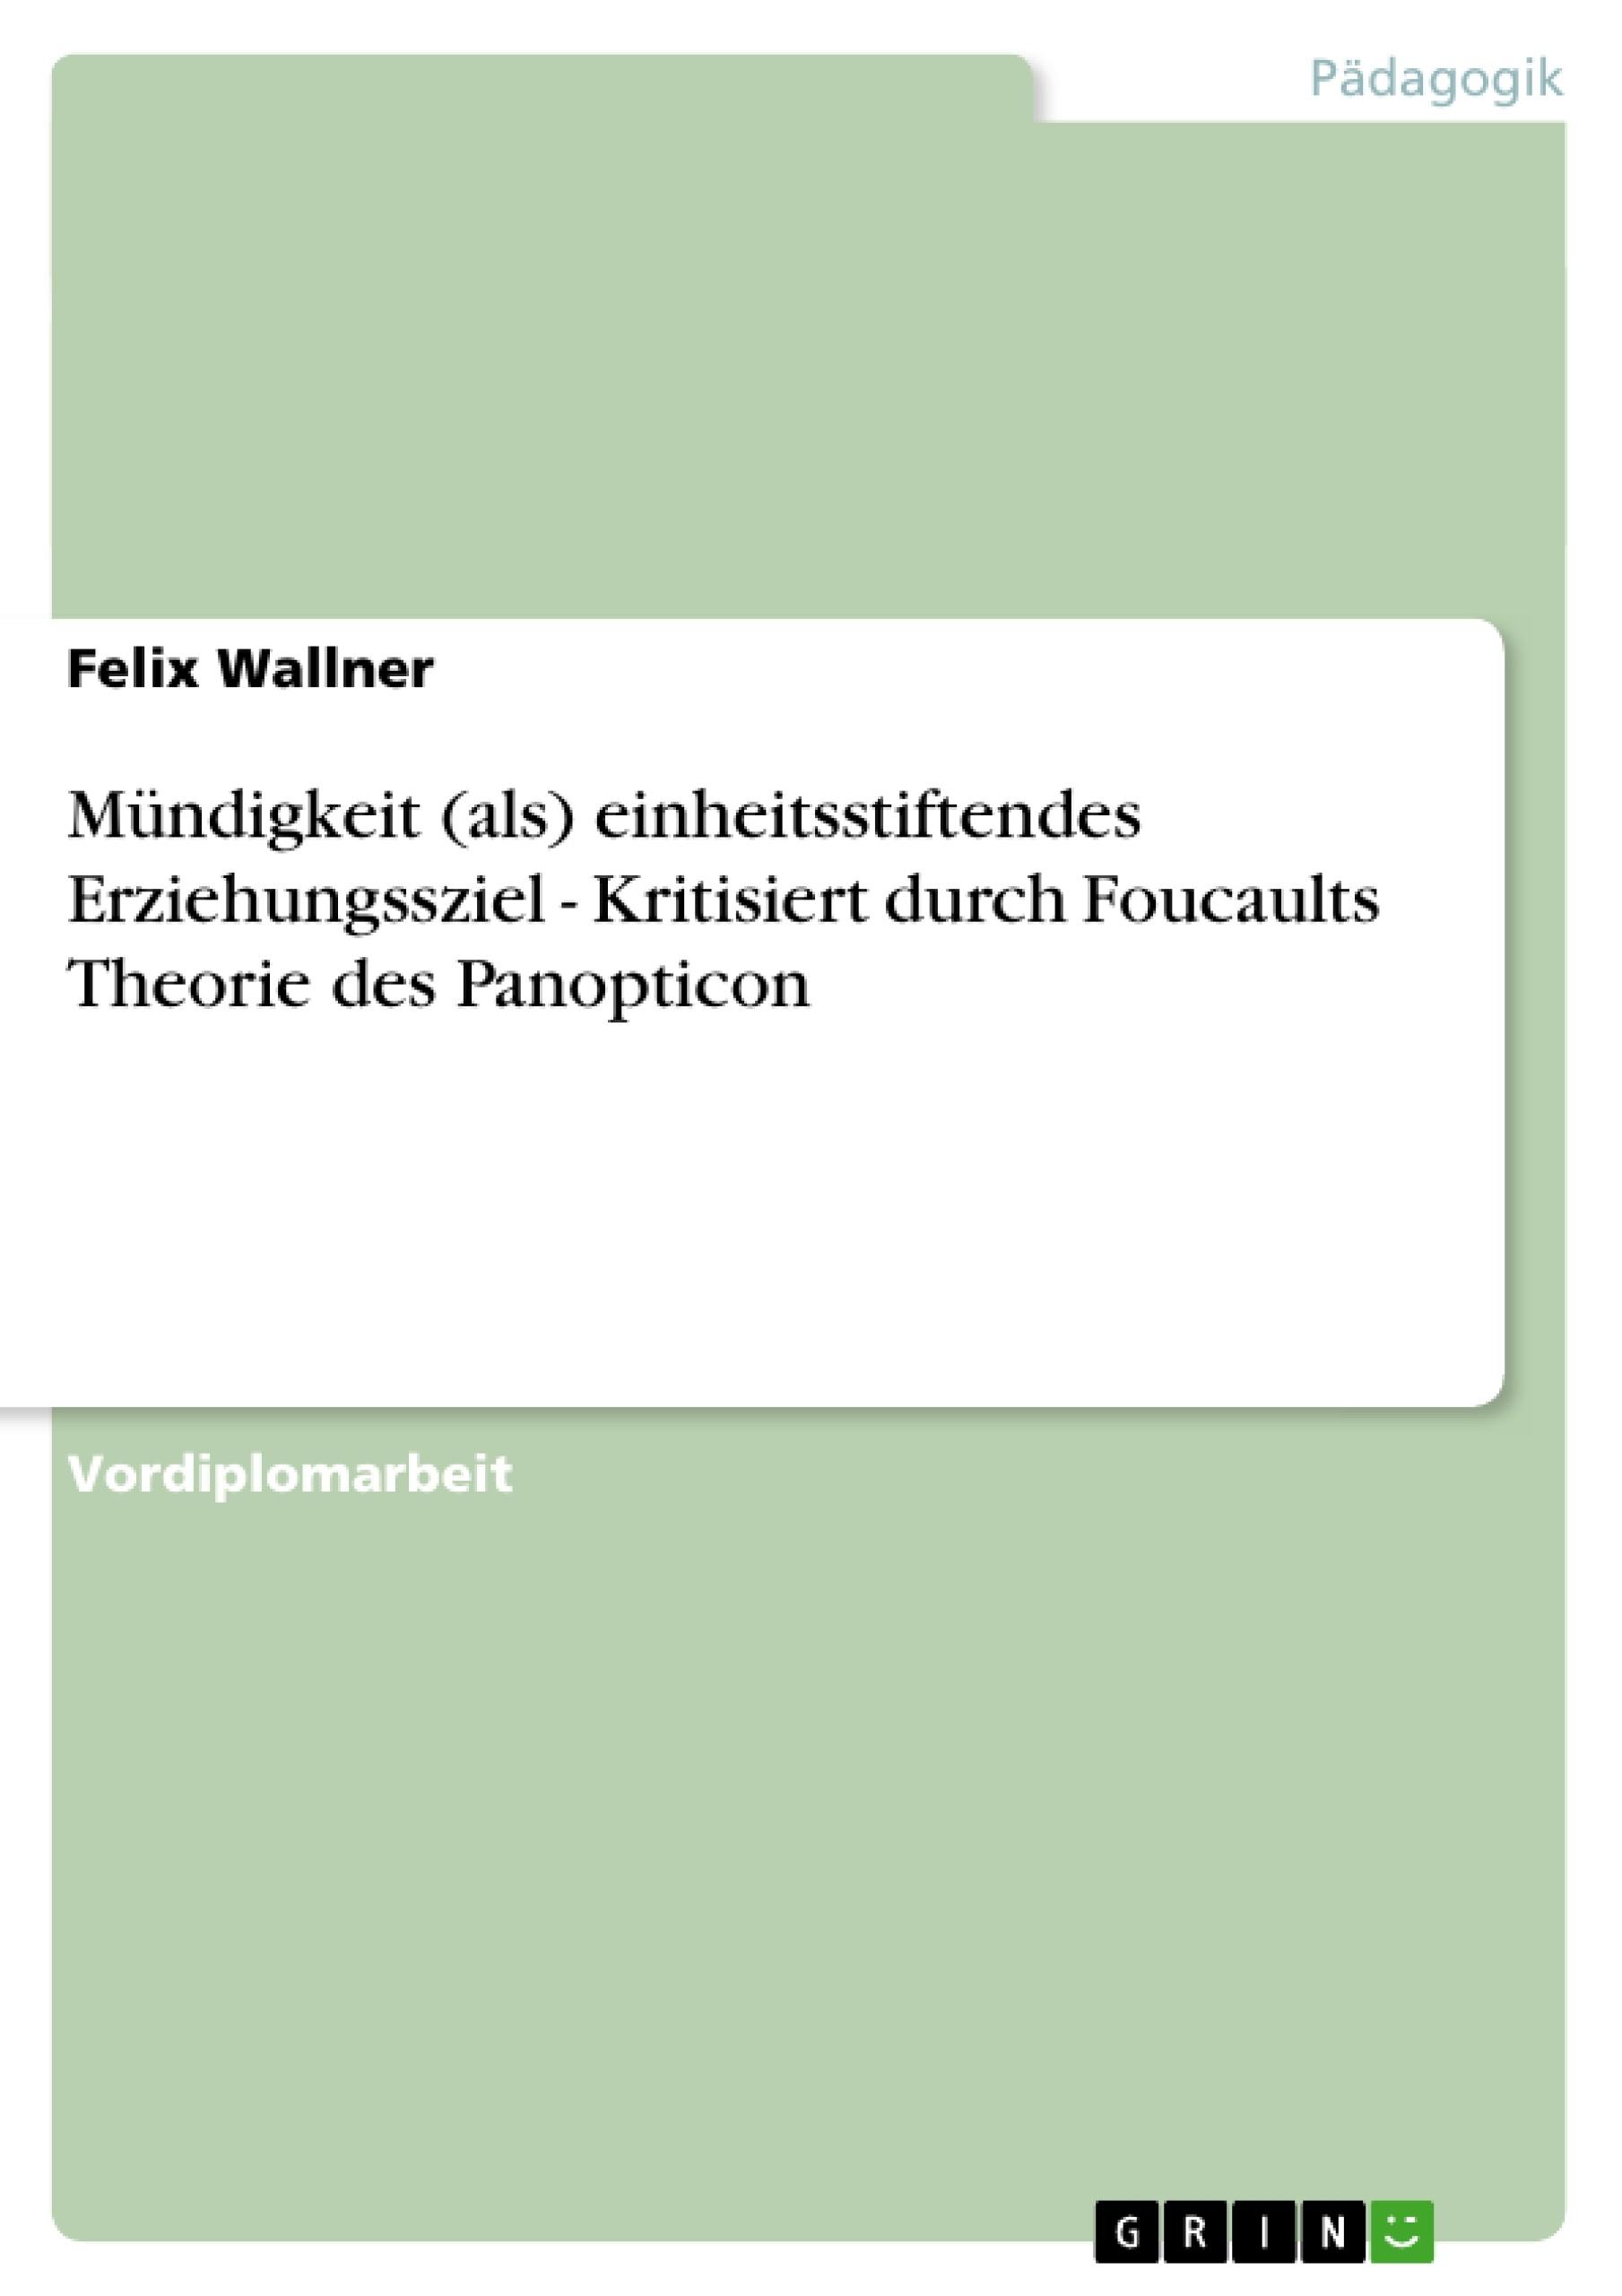 Titel: Mündigkeit (als) einheitsstiftendes Erziehungssziel - Kritisiert durch Foucaults Theorie des Panopticon